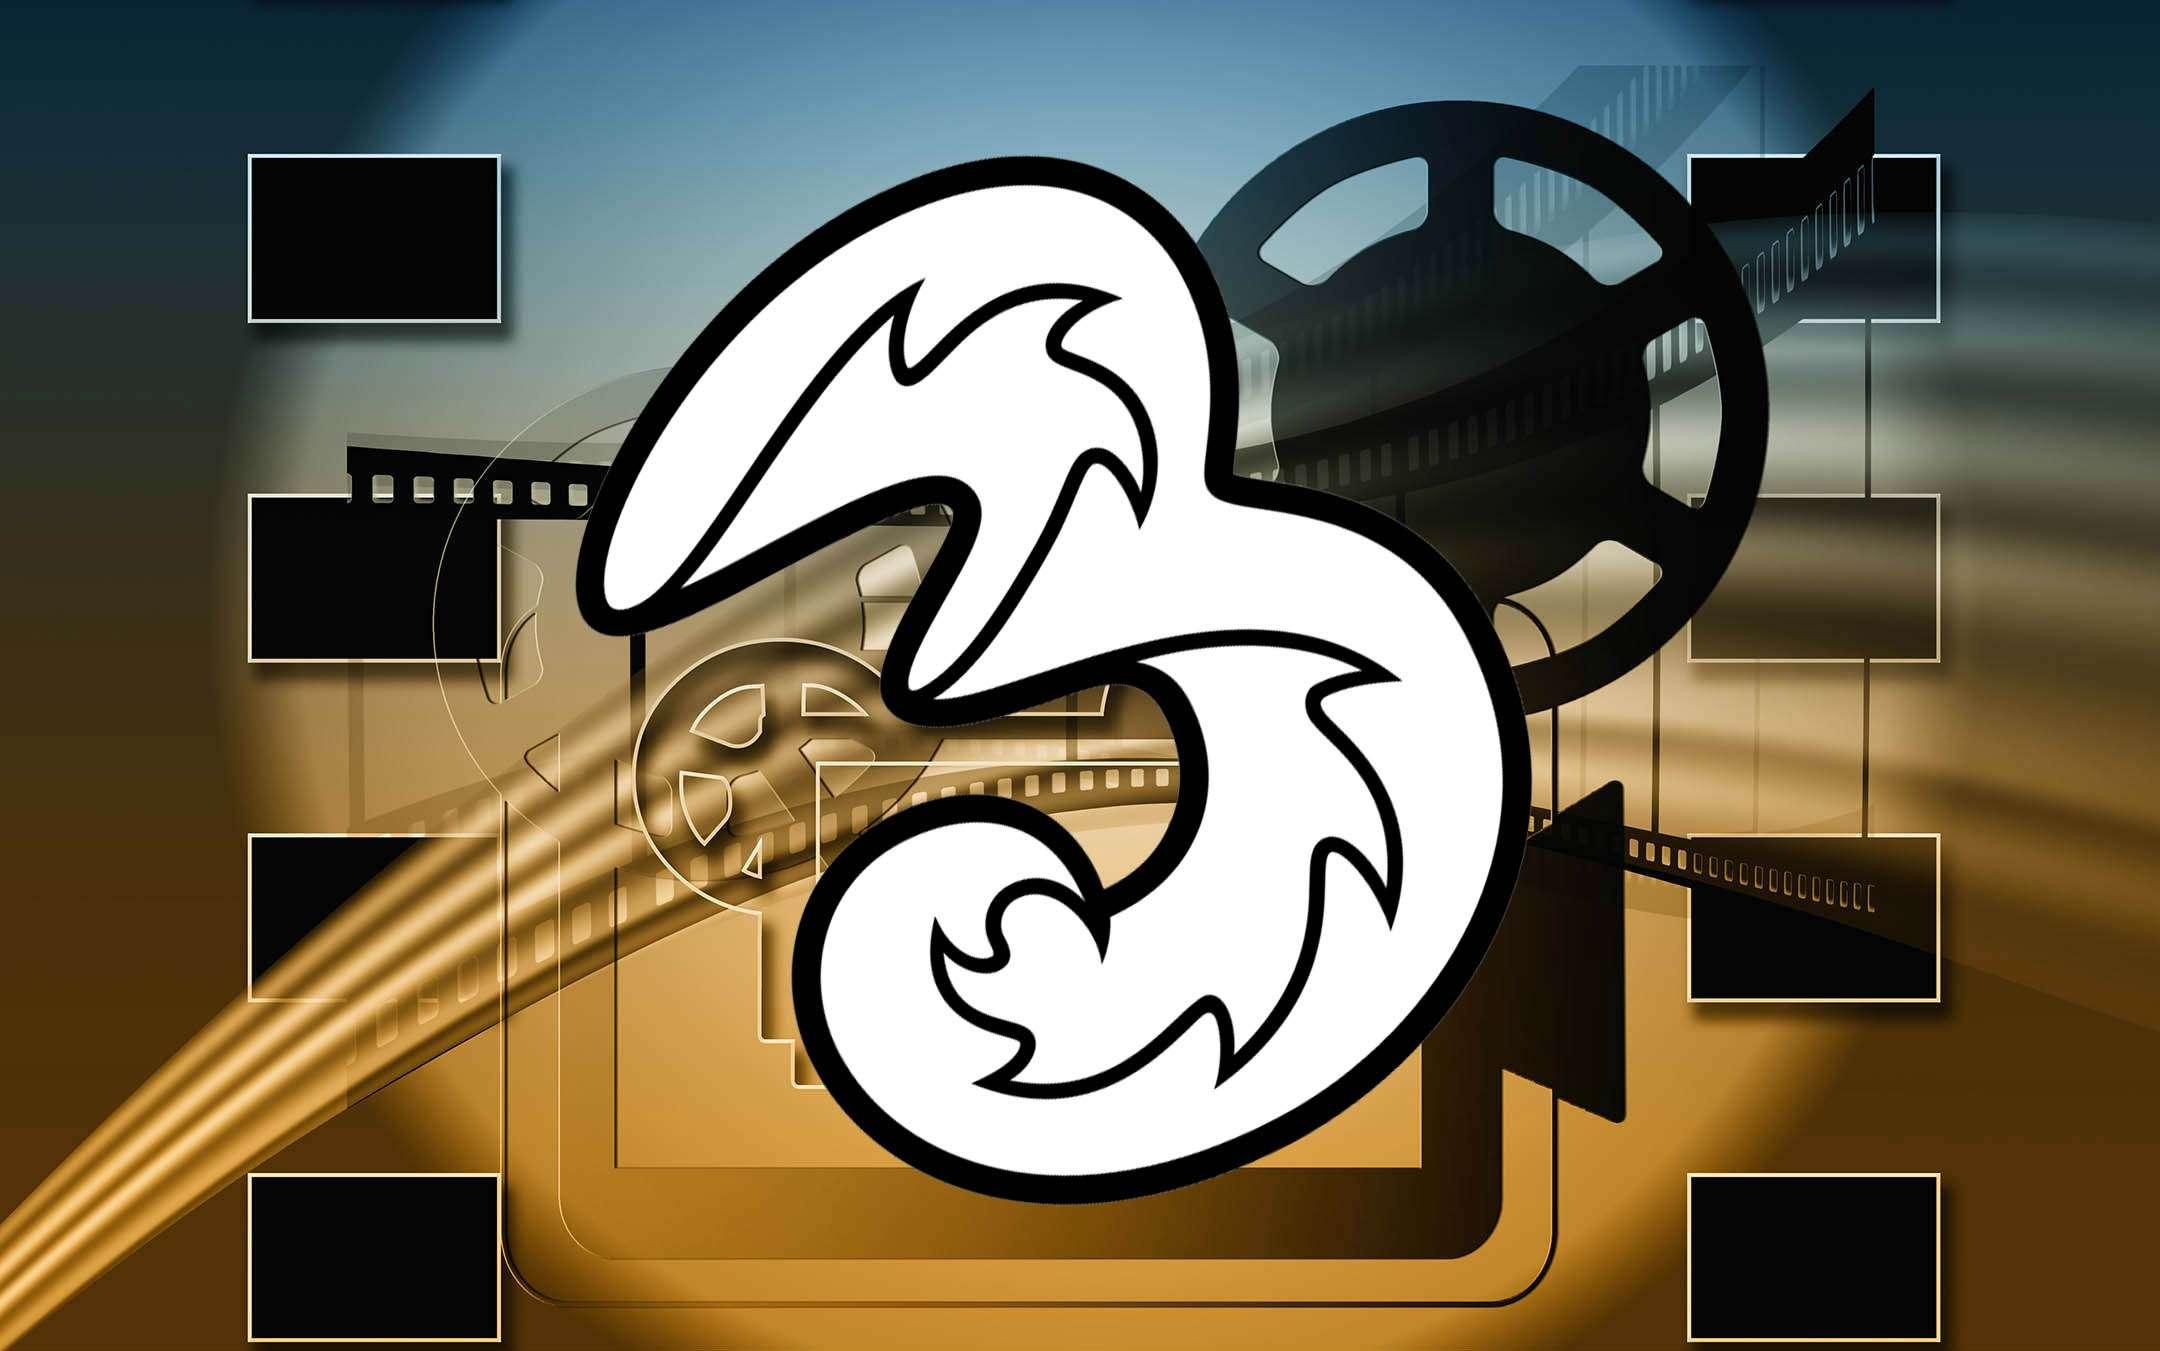 Grande Cinema 3, il rinnovo: nel 2019 si cambia